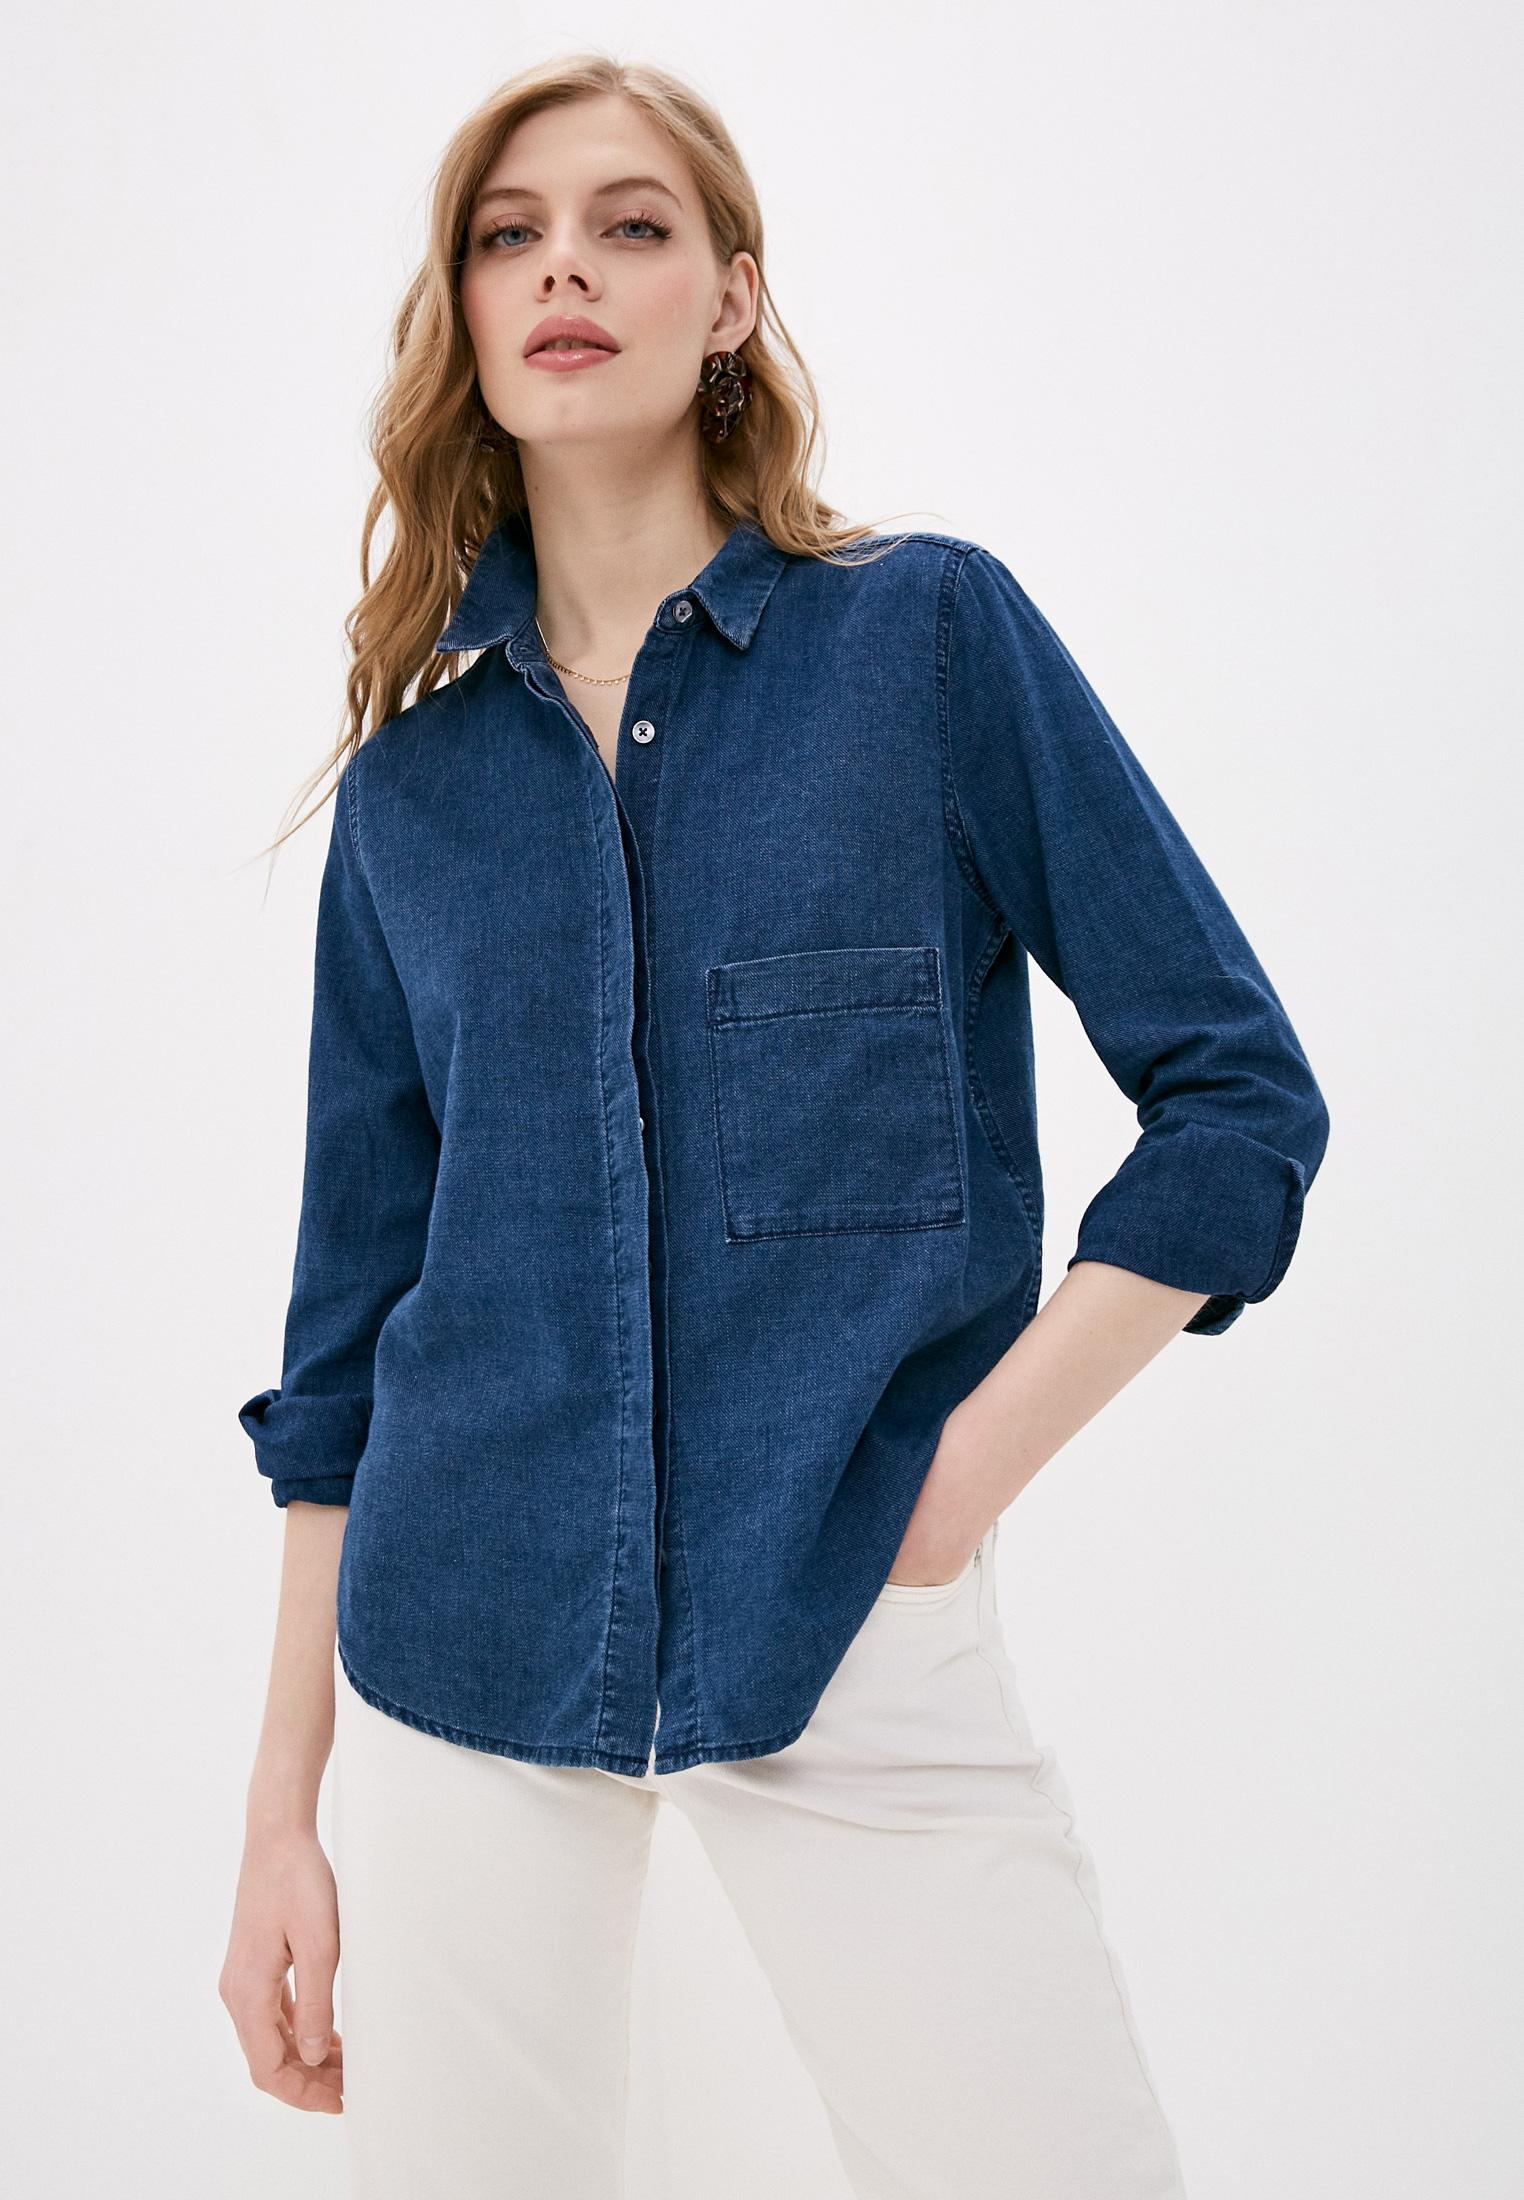 Рубашка Closed Рубашка джинсовая Closed